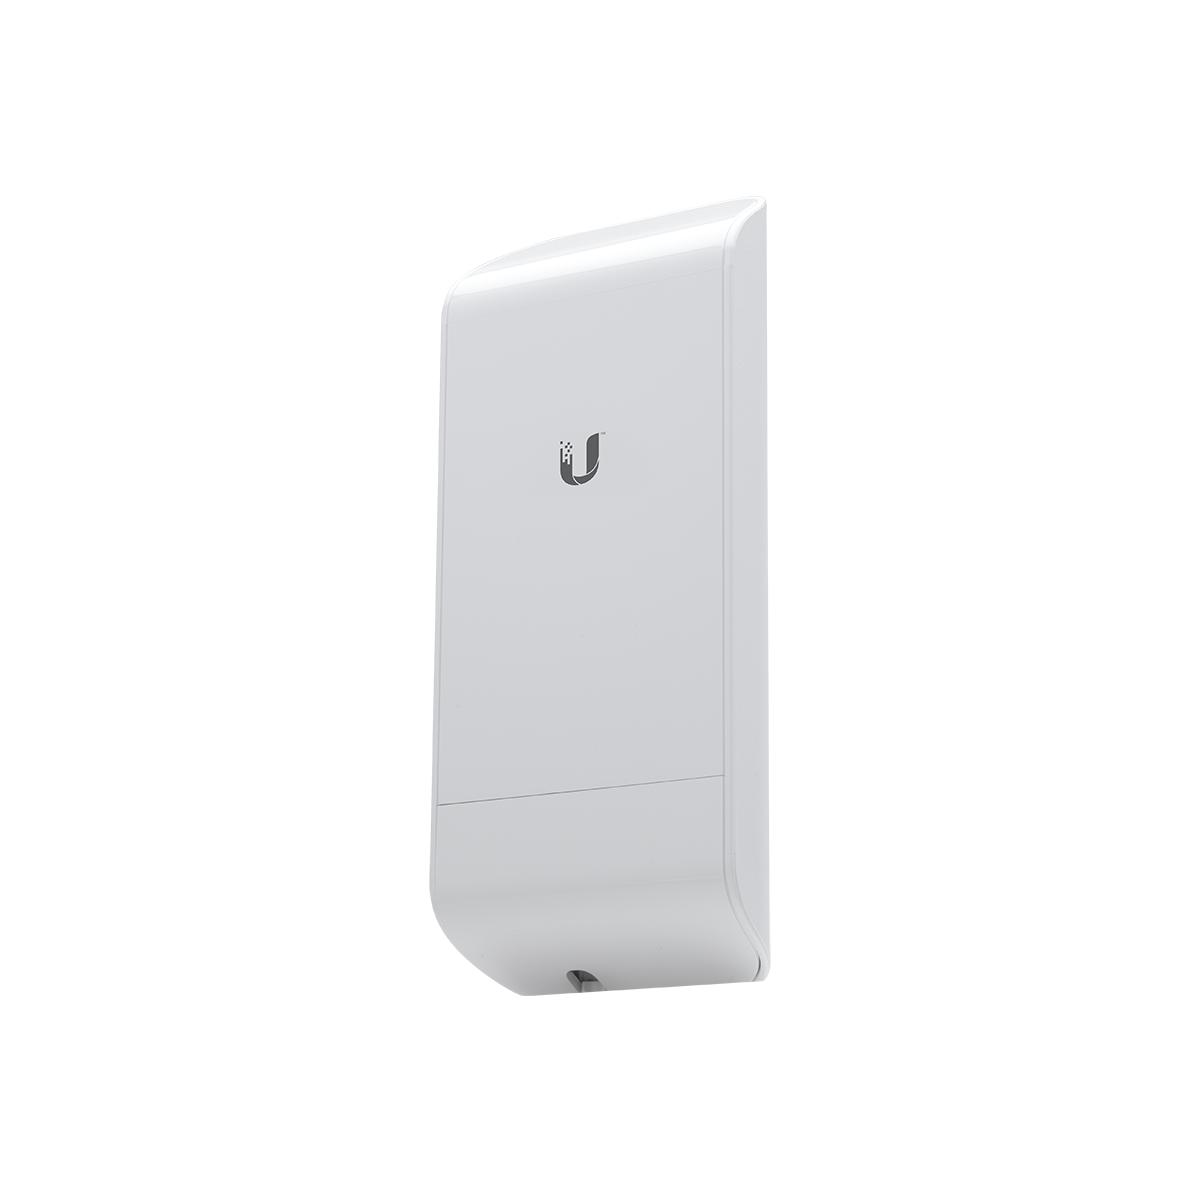 Ubiquiti UniFi UAP-AC-LITE